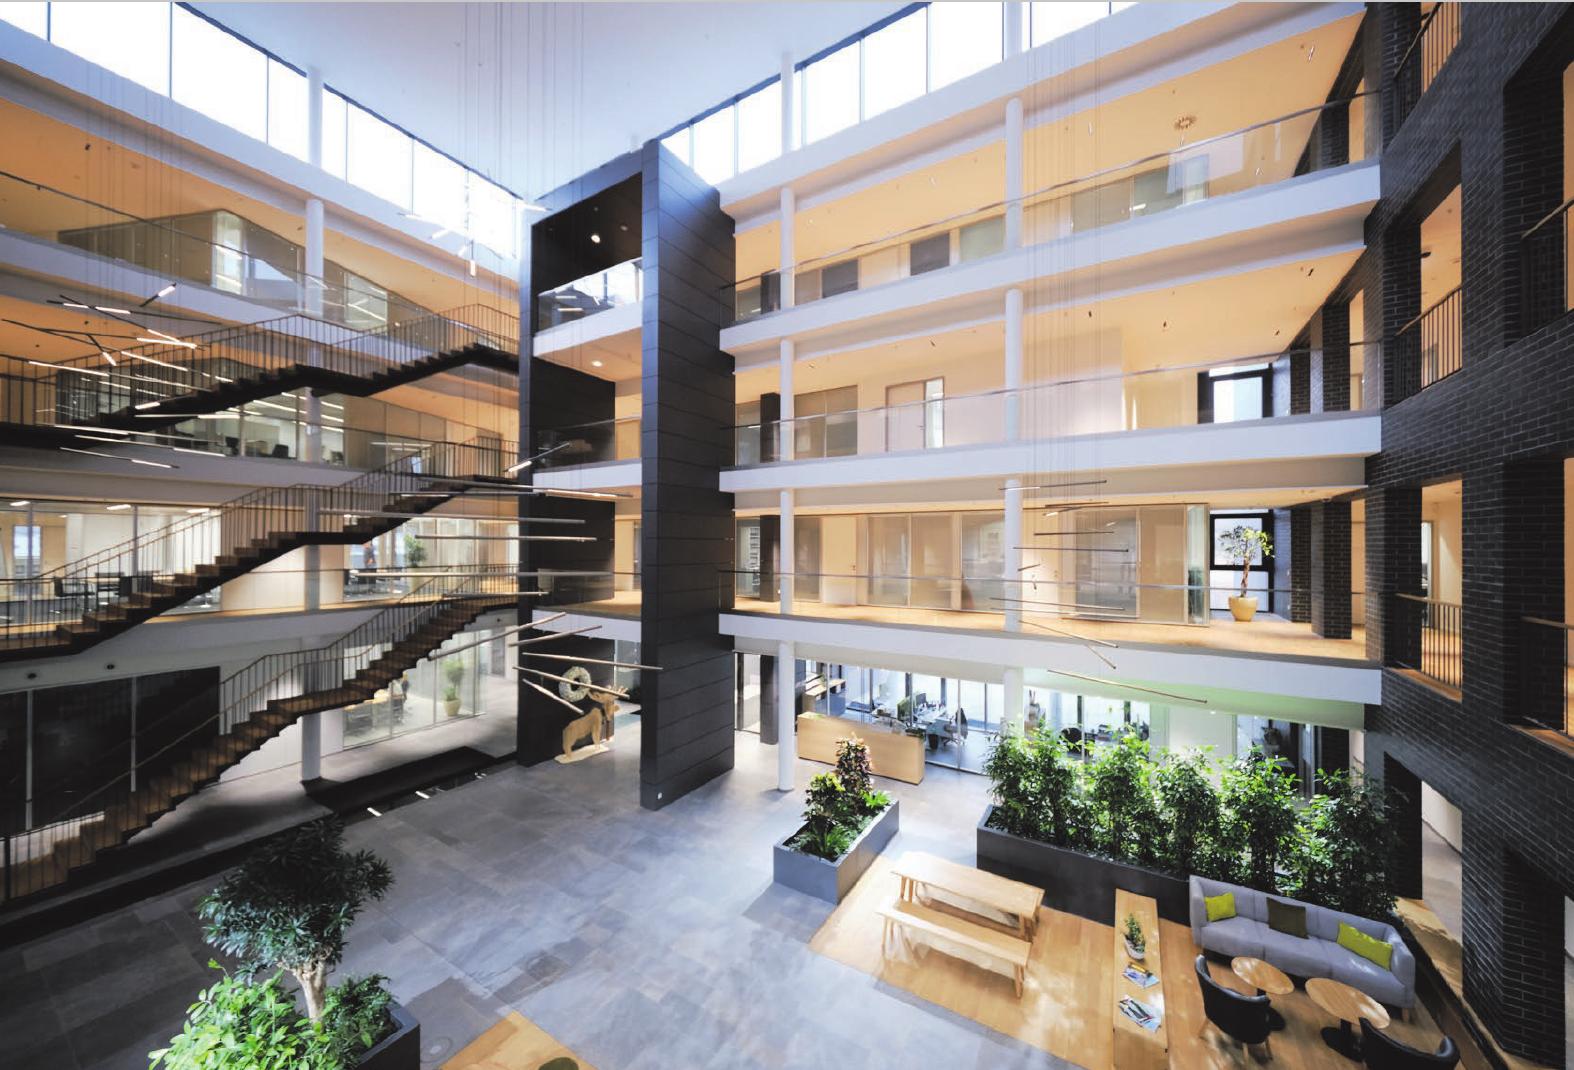 Ein modernes Gebäude für ein modernes Unternehmen: Prinzing in Eislingen. Fotos: Prinzing